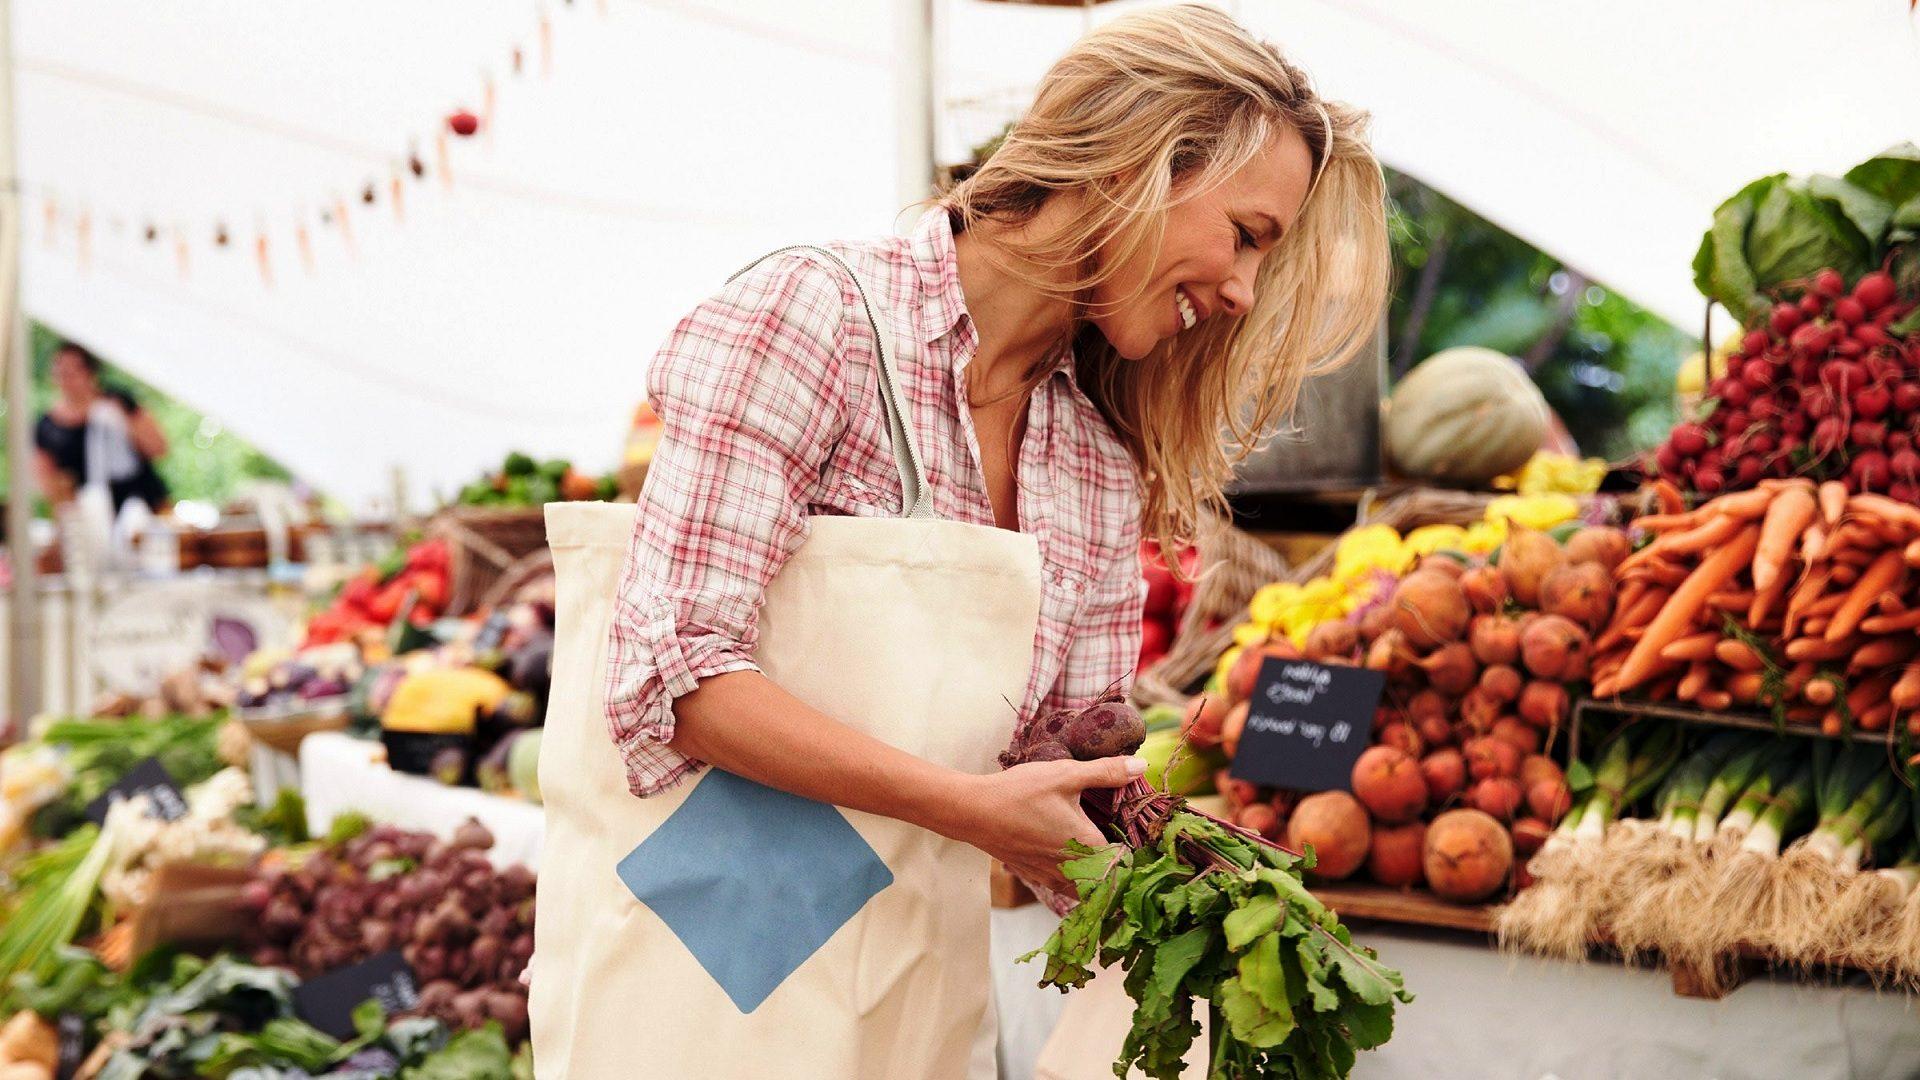 Marbella ciudad organica, sitios donde adquirir productos organicos- Marbella Unique Properties